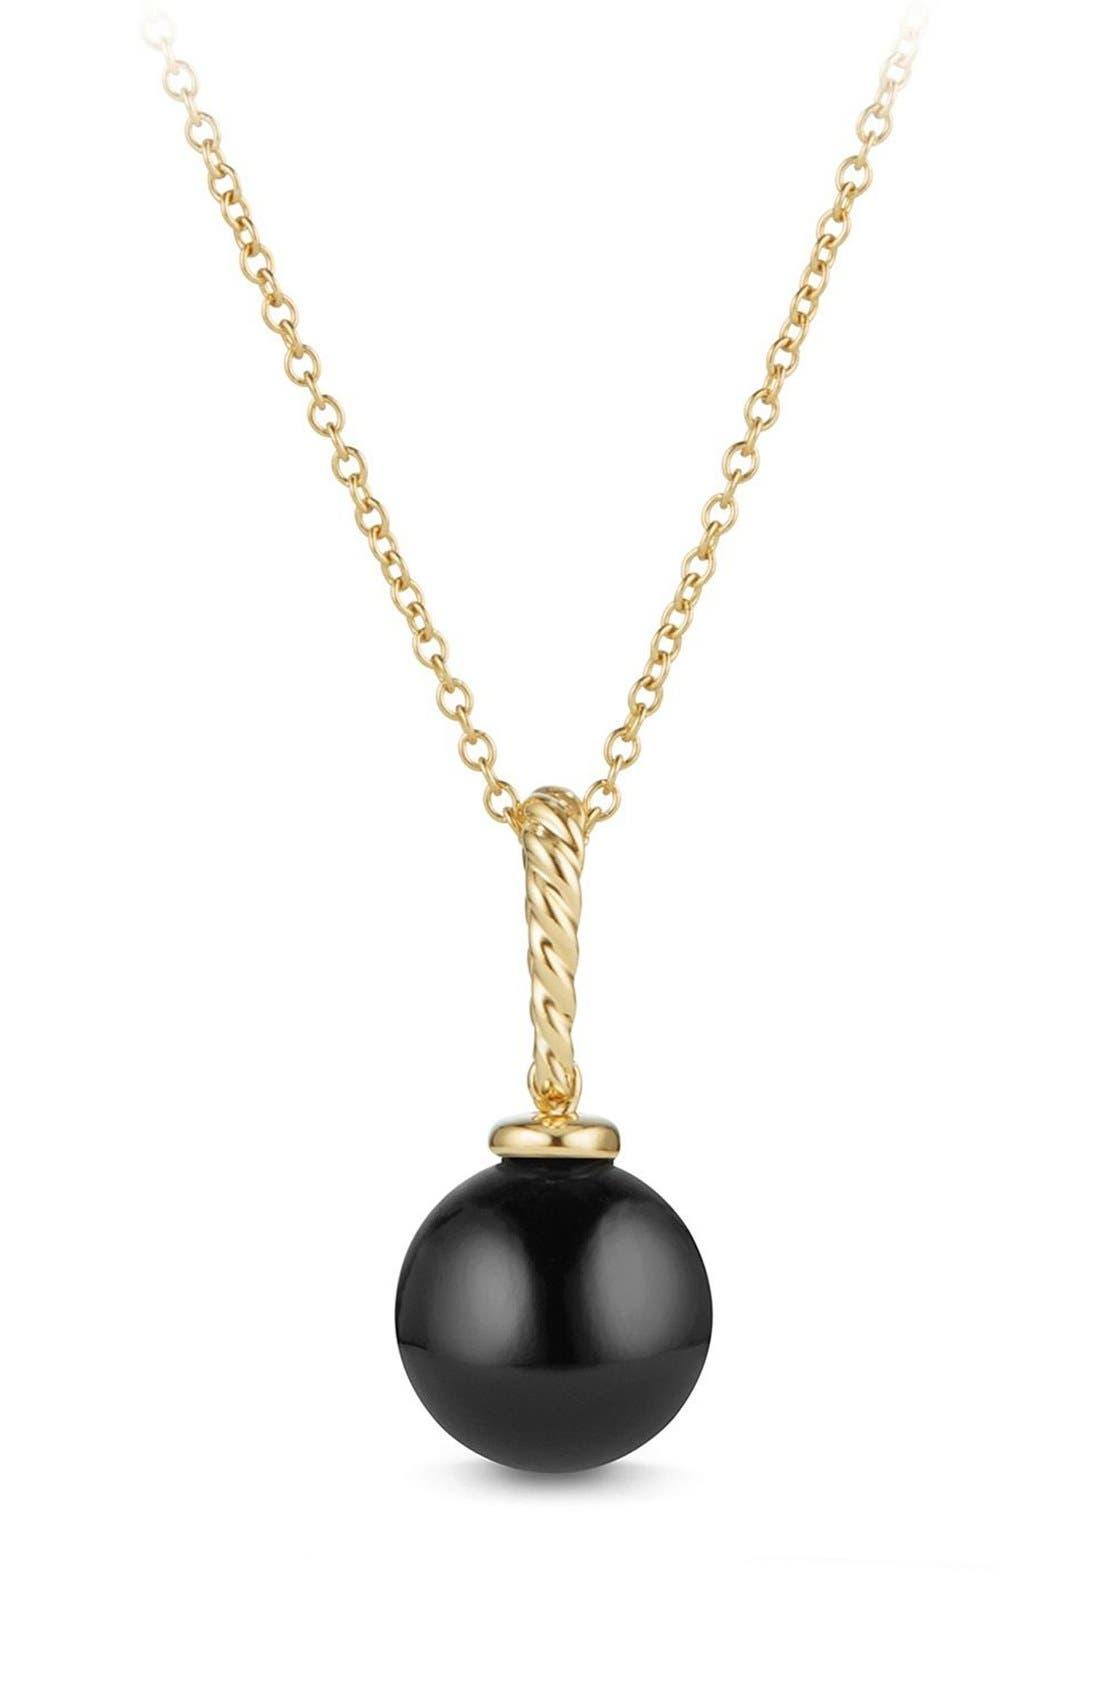 David Yurman 'Solari' Pendant Necklace in 18K Gold